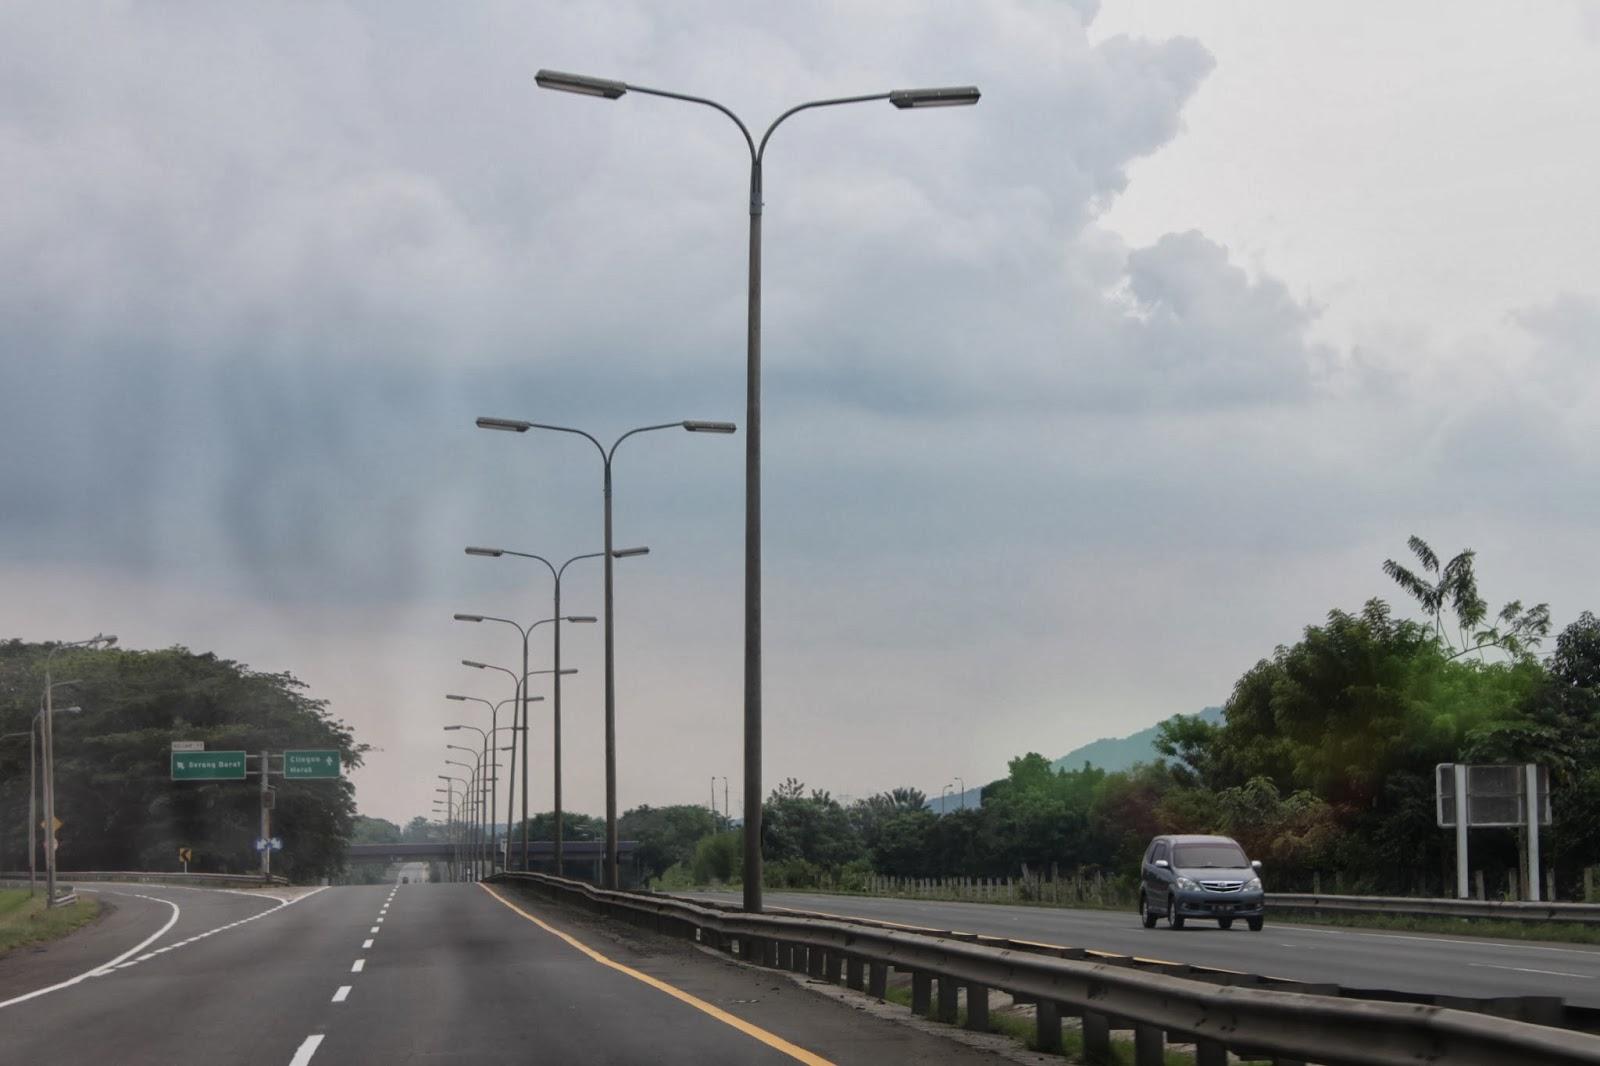 Jalan Tol Tangerang-Merak KM 76,5 Keluar ke Gerbang Tol Serang Barat (arah Merak)